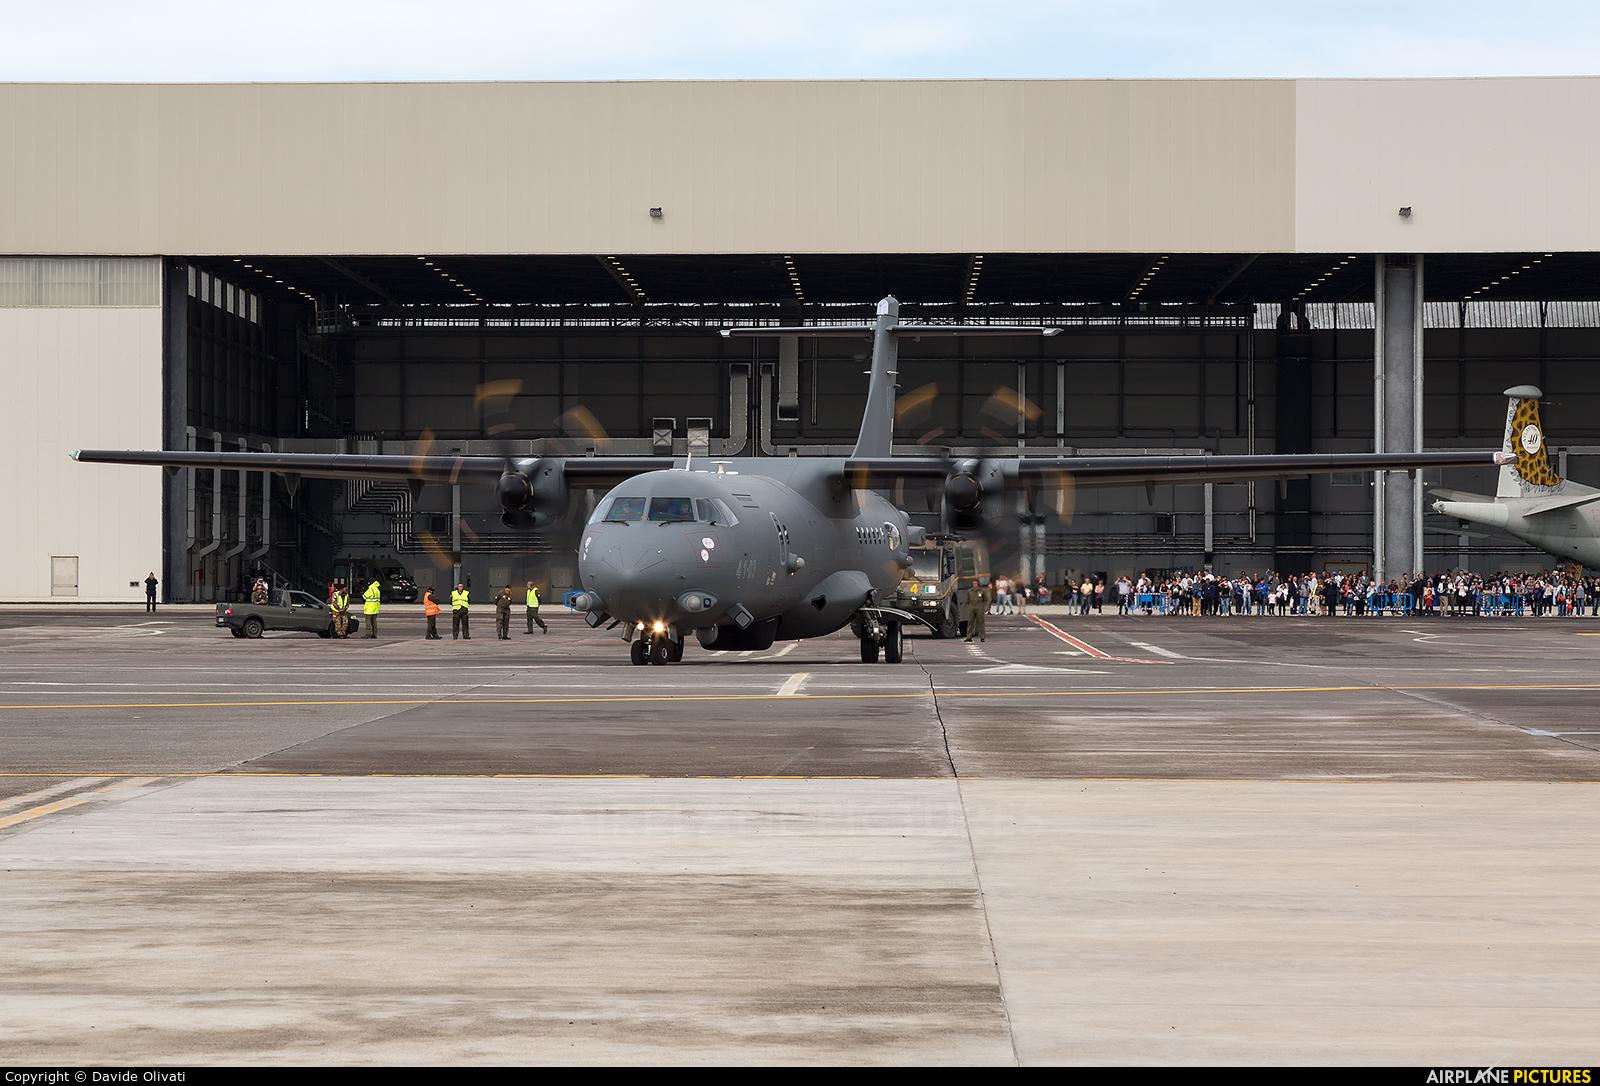 Italy - Air Force MM62298 aircraft at Sigonella